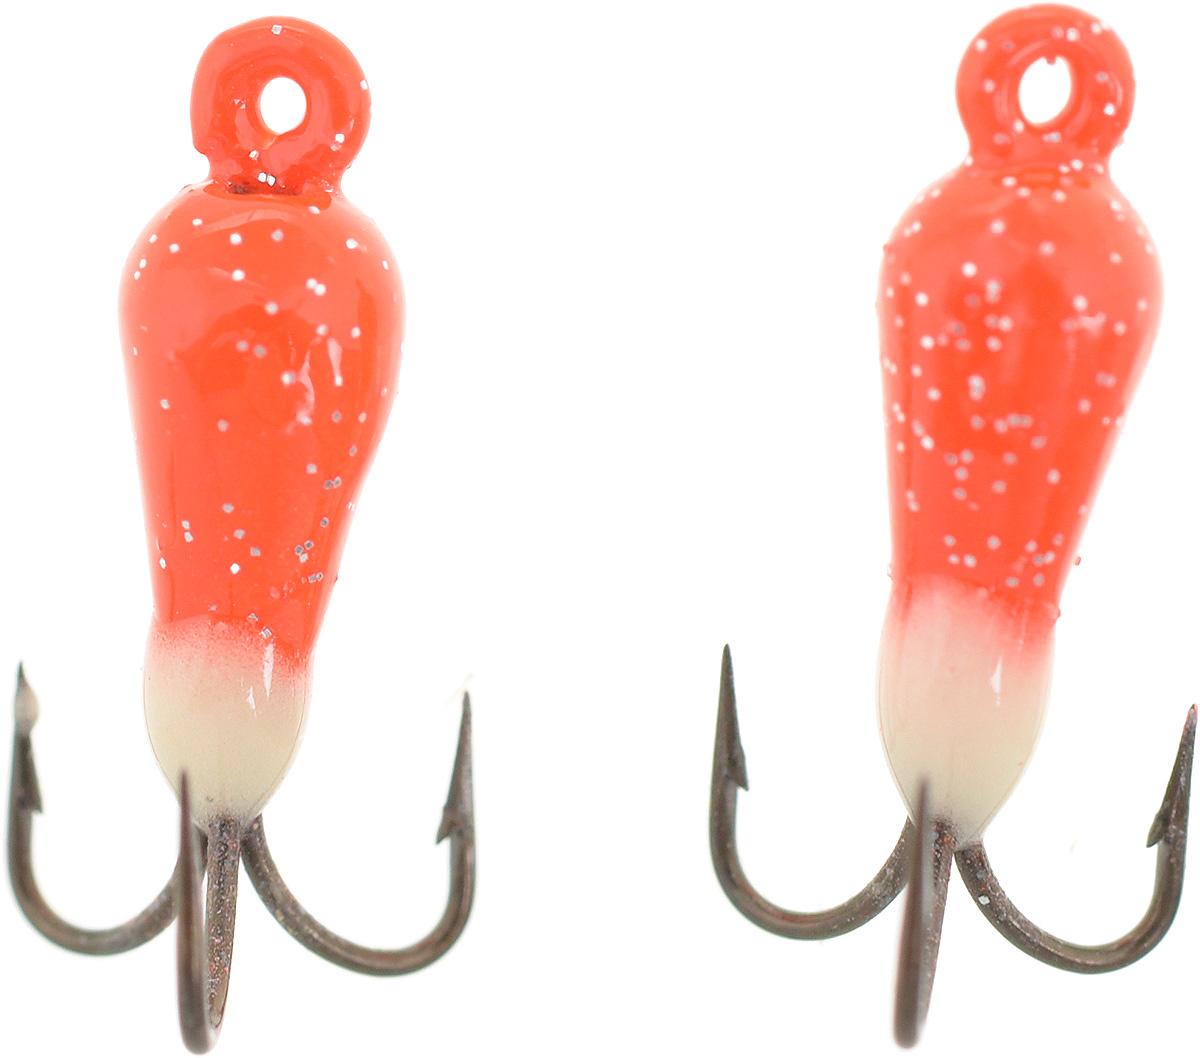 Чертик вольфрамовый Finnex, цвет: оранжевый, белый, 0,38 г, 2 штT1RD_оранжевый, белыйВольфрамовый чертик Finnex - одна из самых популярных приманок для ловли леща, плотвы и другой белой рыбы. Особенно хорошо работает приманка на всевозможных водохранилищах. Не пропустит ее и другая рыба, в том числе окунь, судак и щука.